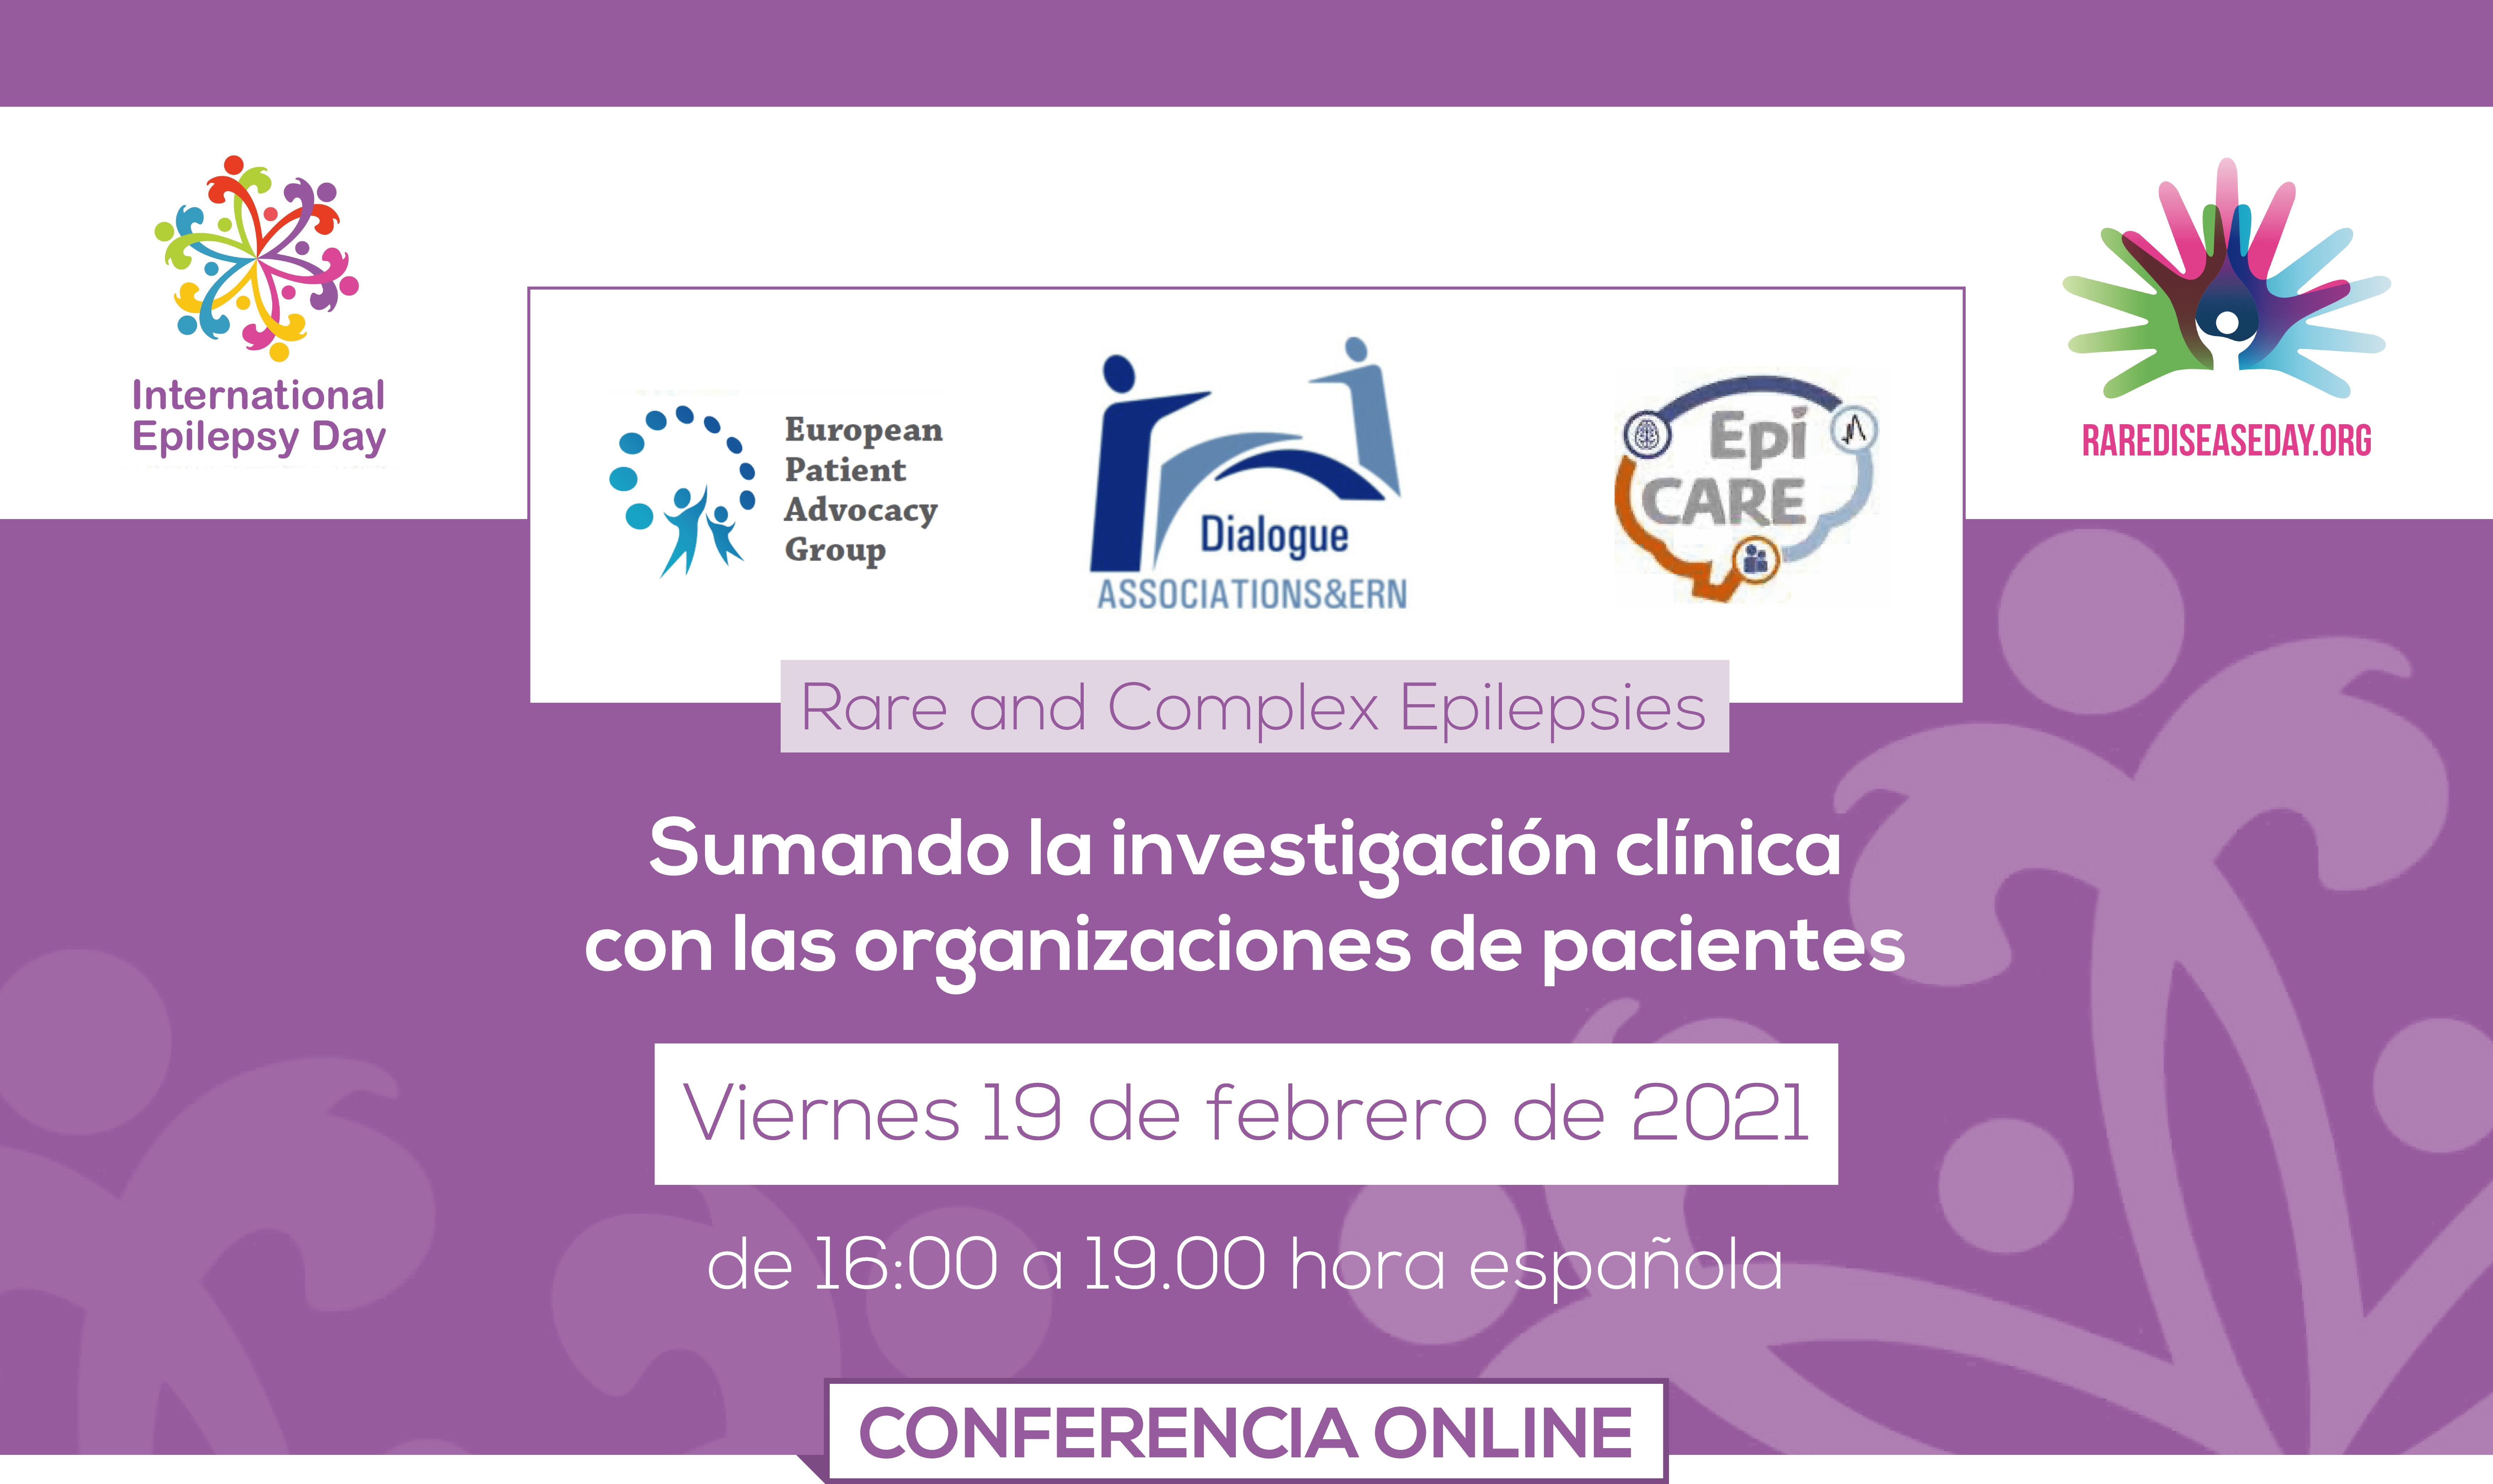 Conferencia online epilepsias raras y complejas